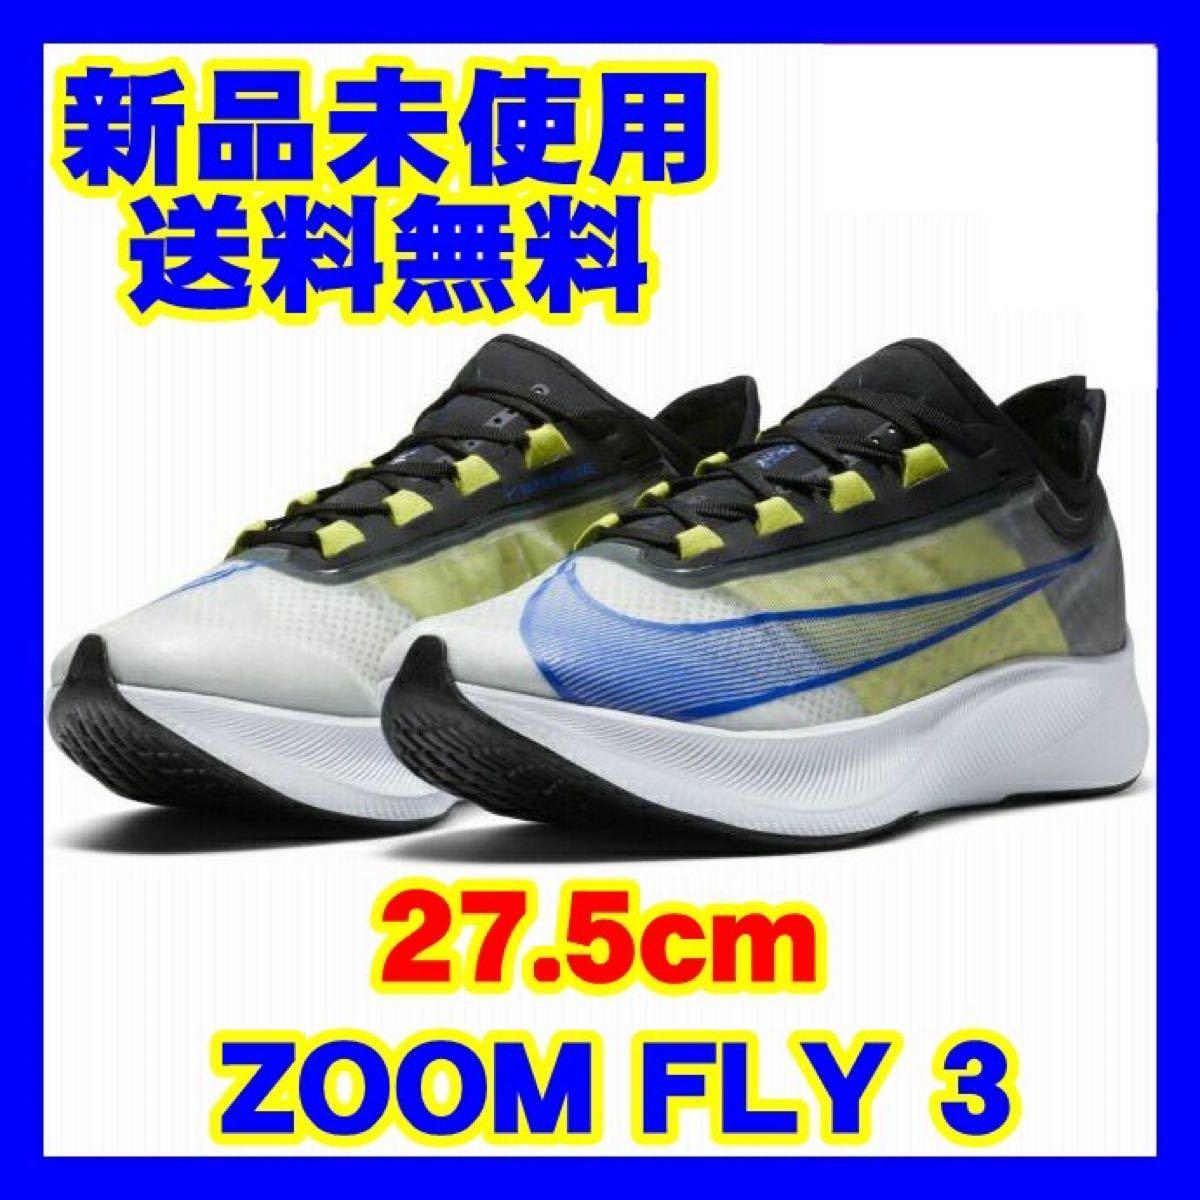 ナイキ (NIKE) ズーム フライ 3 (ZOOM FLY 3) 27.5cm